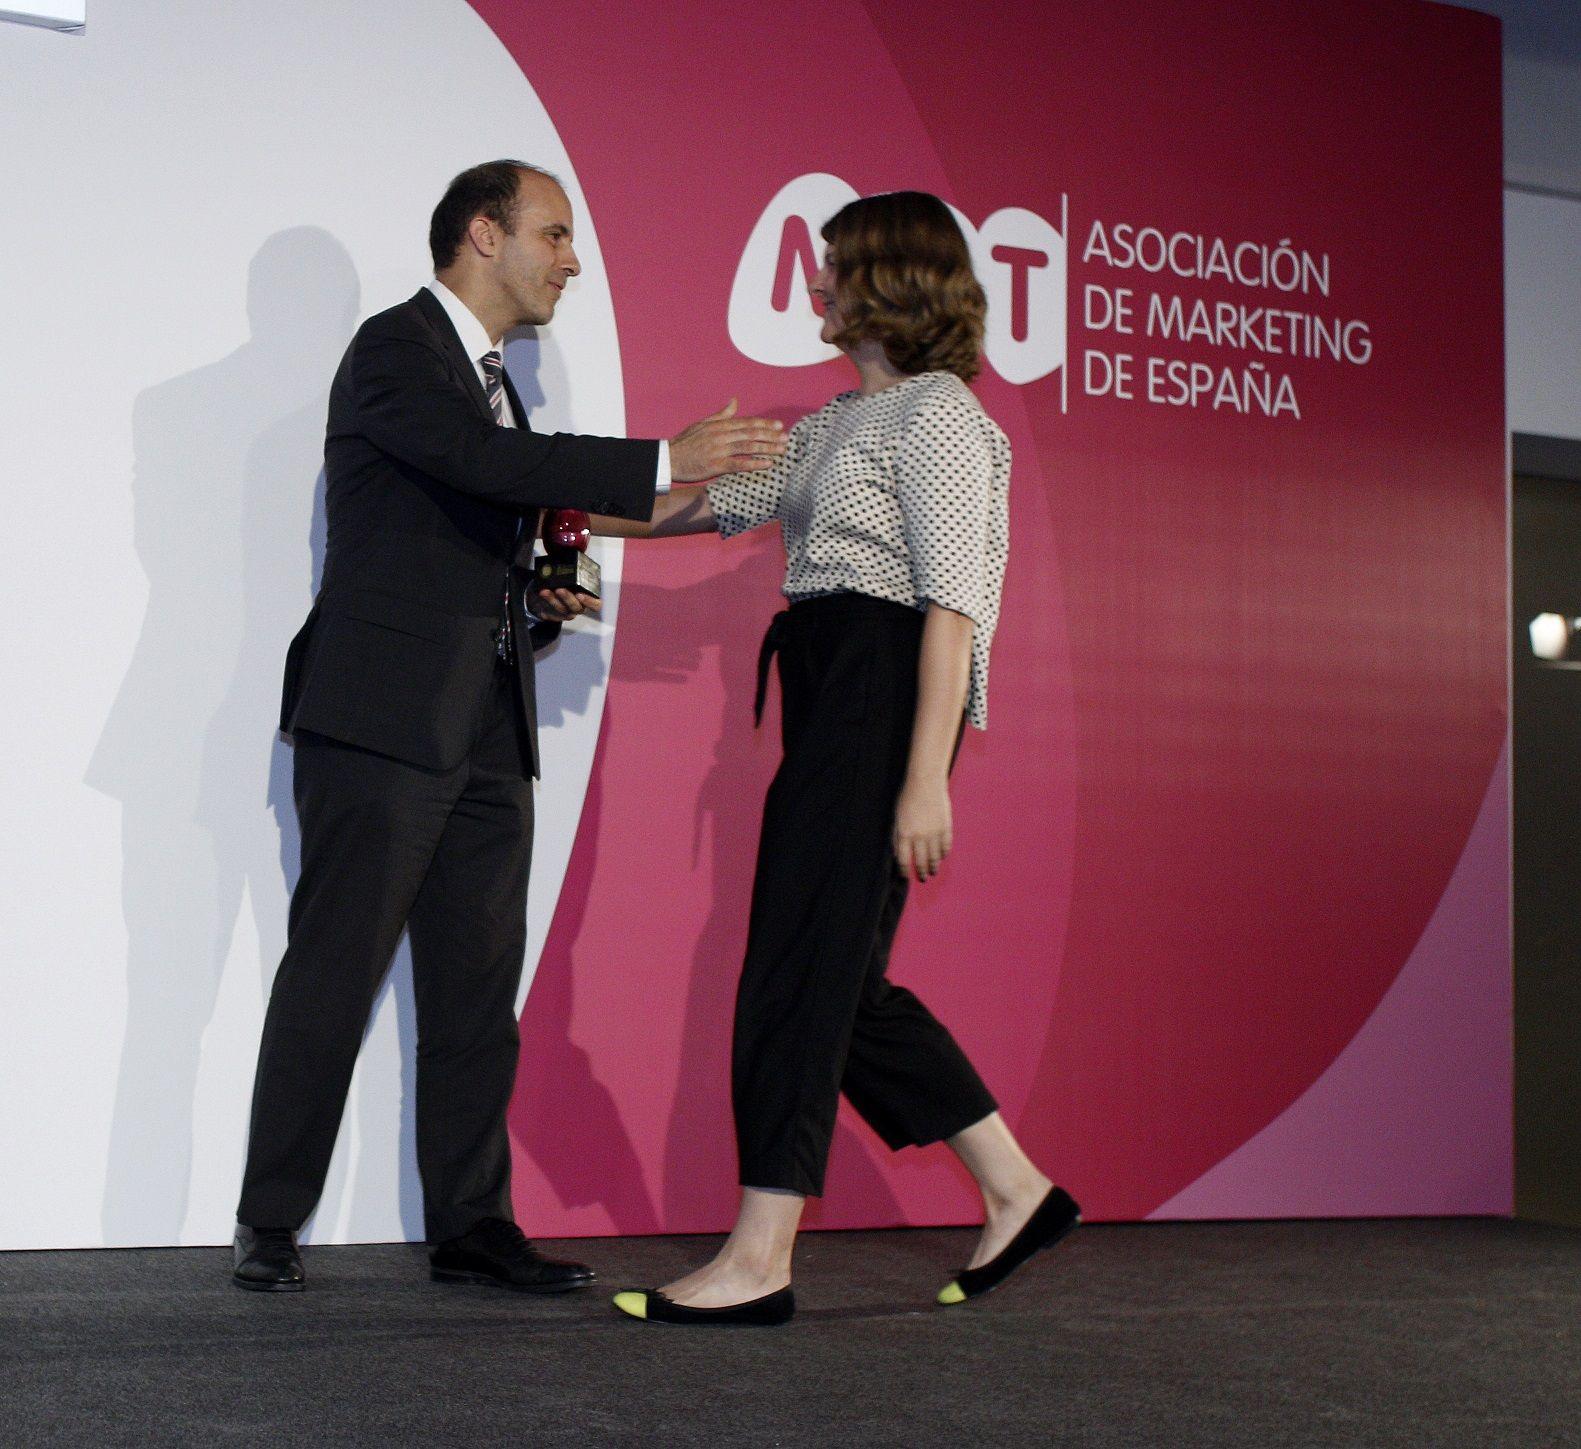 Foto de Pacari, galardonada en la X Edición de los Premios